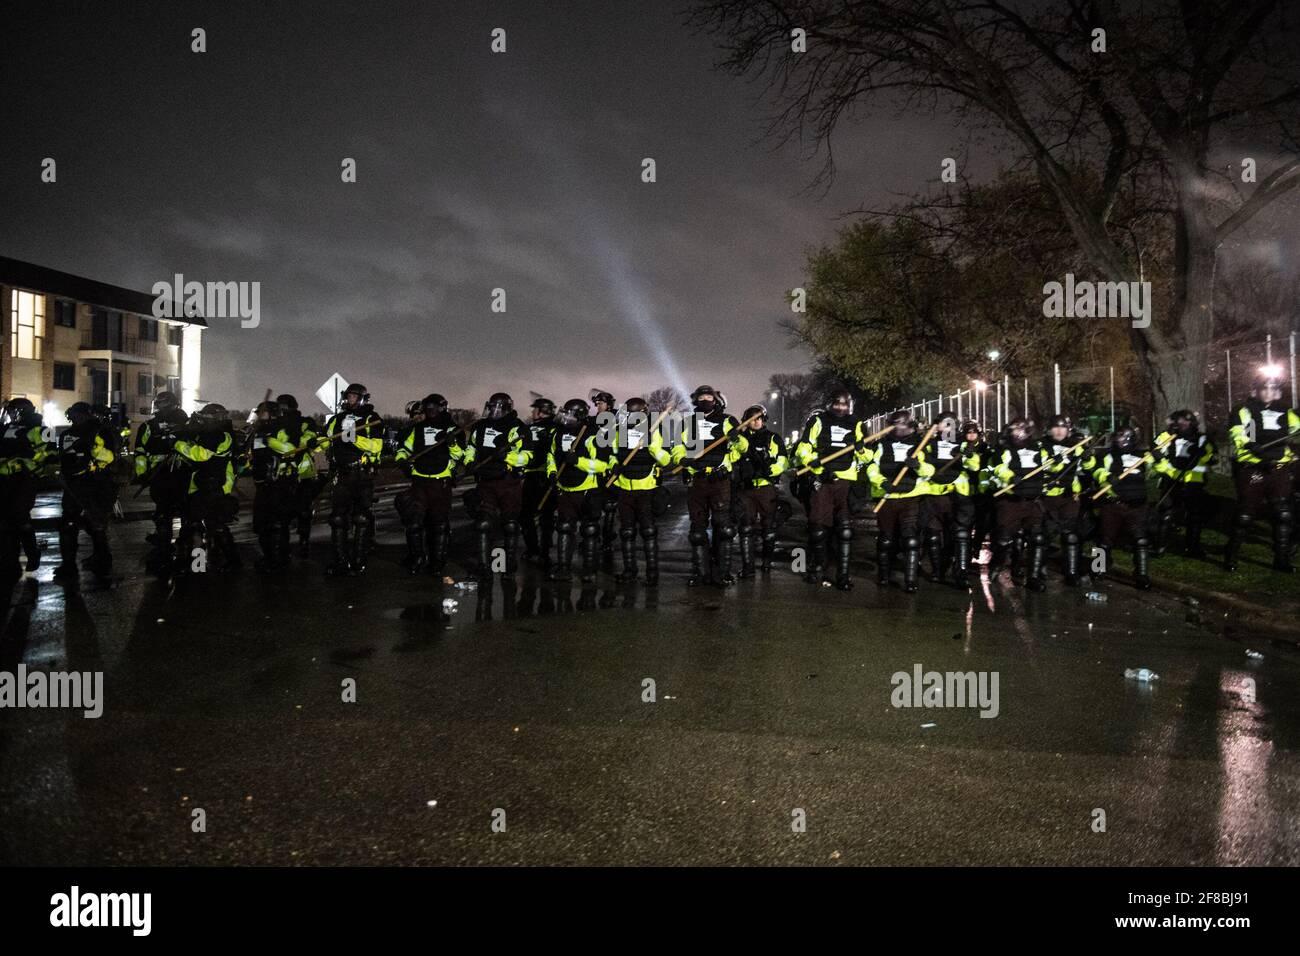 Brooklyn Center, Minnesota, le 12 avril 2021, des manifestants et des policiers s'affrontent devant le service de police du Brooklyn Center le 12 avril 2021 à Brooklyn Center, Minnesota, après l'assassinat de Daunte Wright. Photo : Chris Tuite/ImageSPACE/MediaPunch Banque D'Images